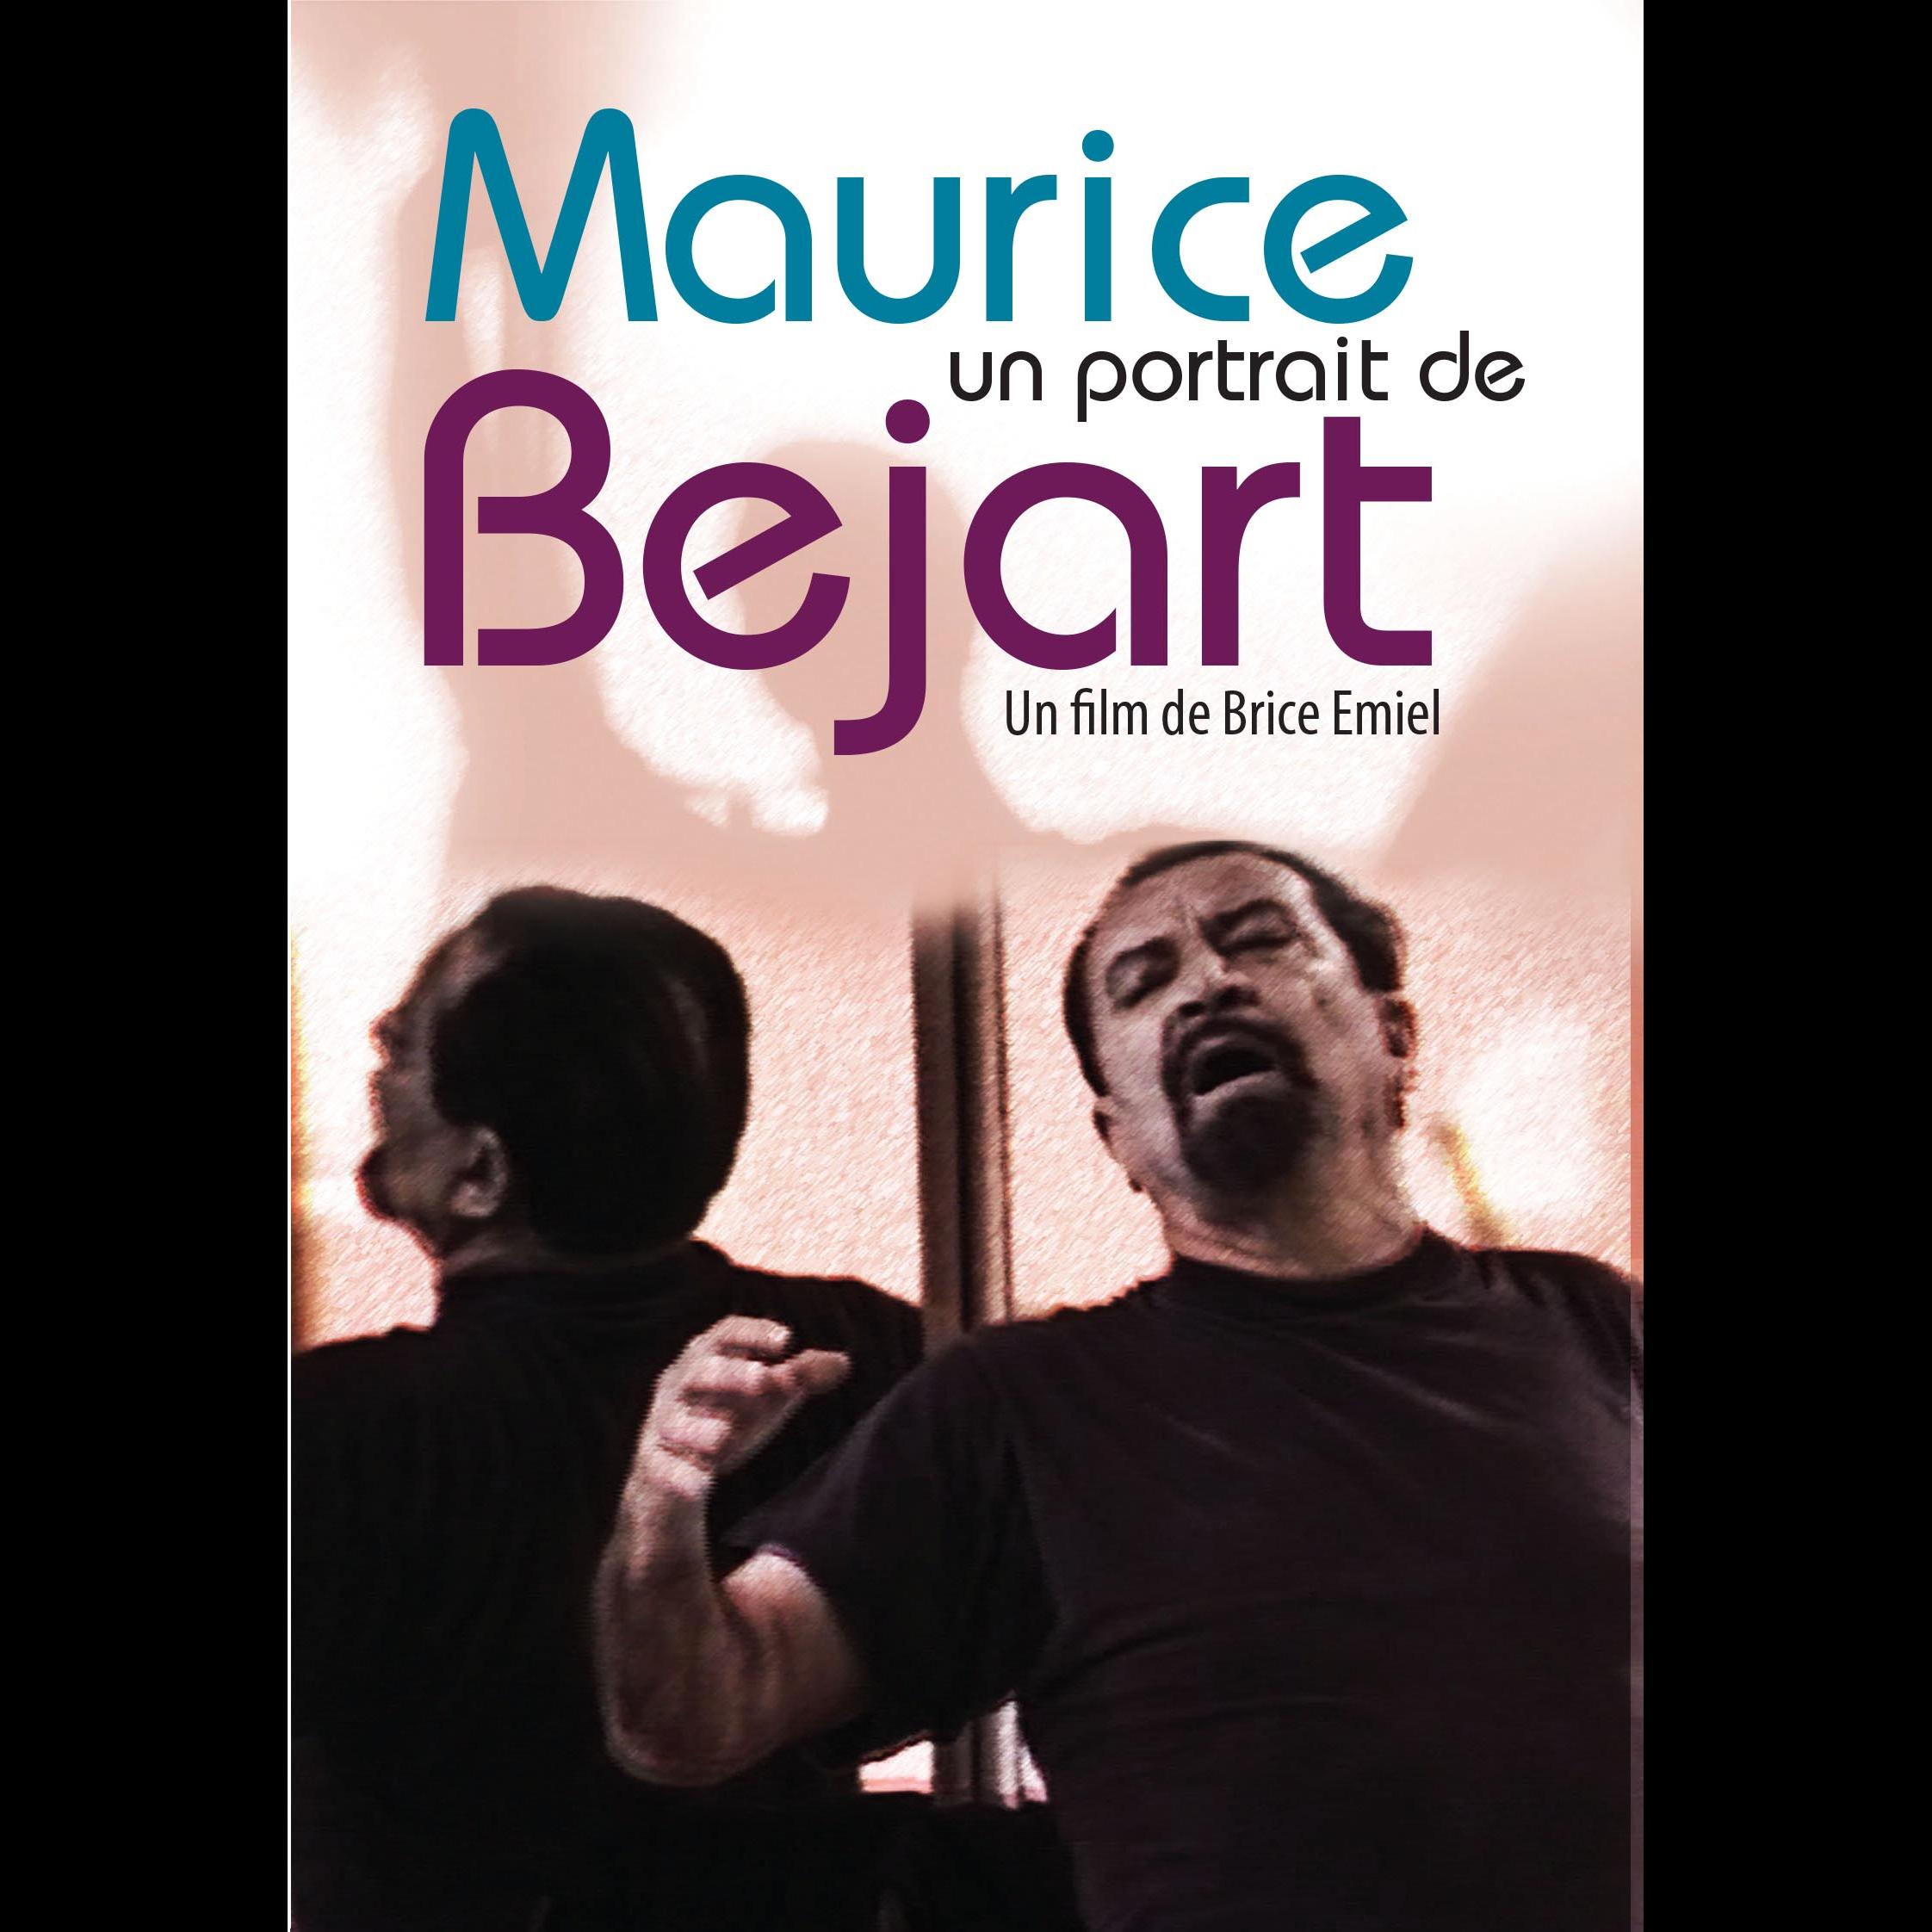 Documentaire danse, DVD ALB016 MAURICE, UN PORTRAIT DE BEJART, ARCADES ALB016